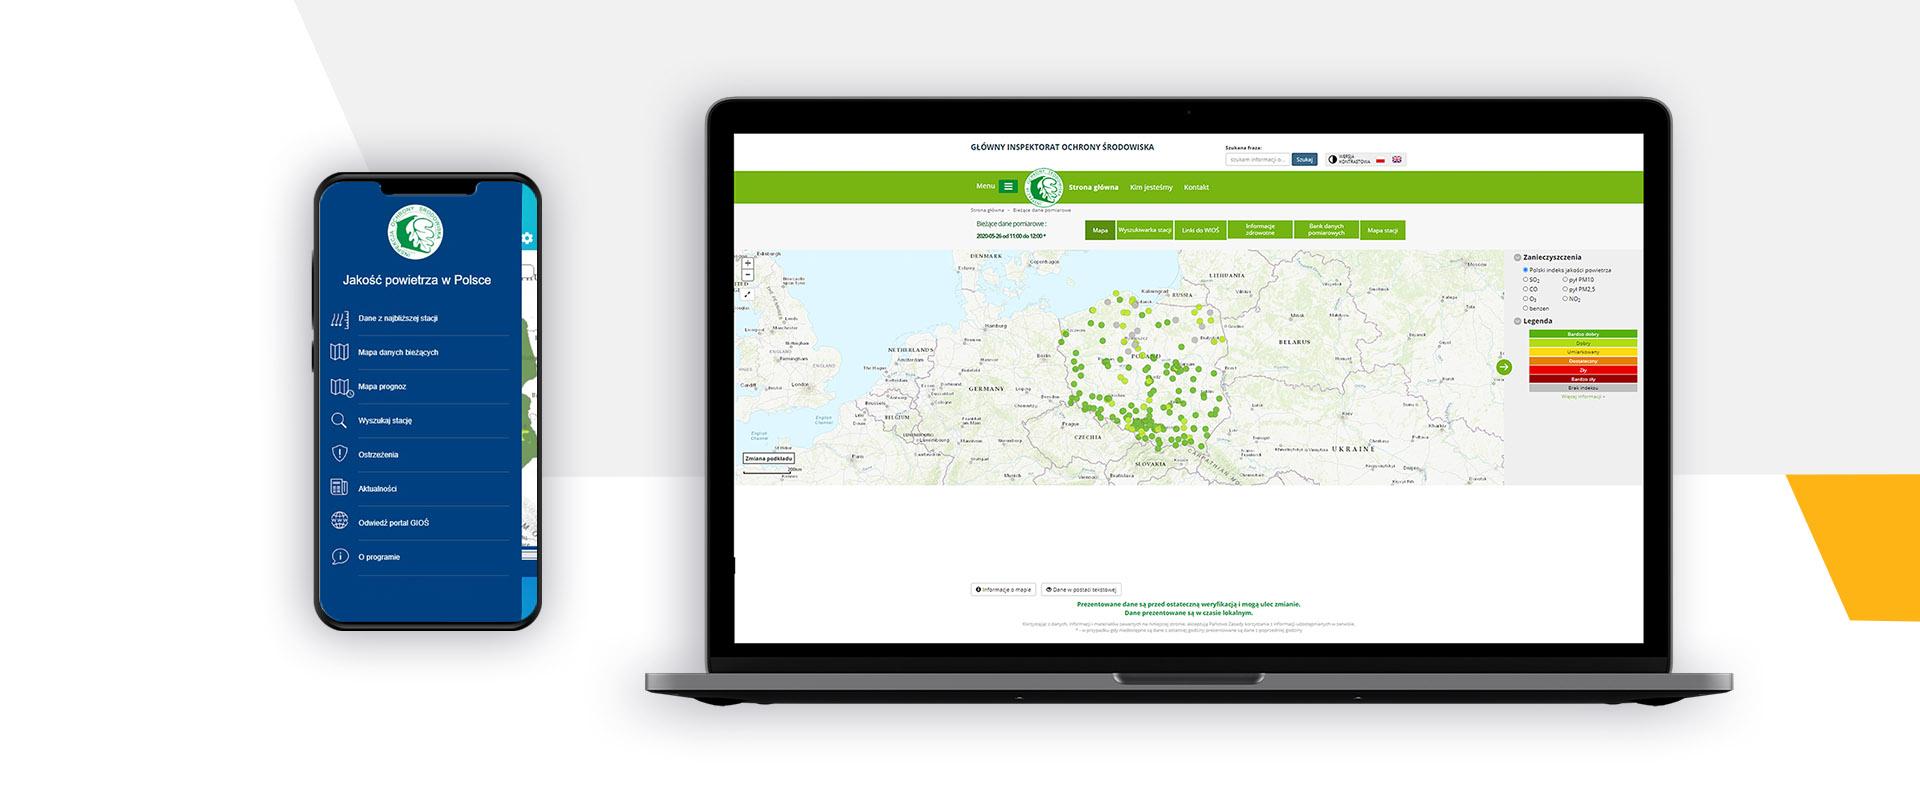 Nettportal og mobilapplikasjon som informerer samfunnet om luftkvaliteten i Polen.